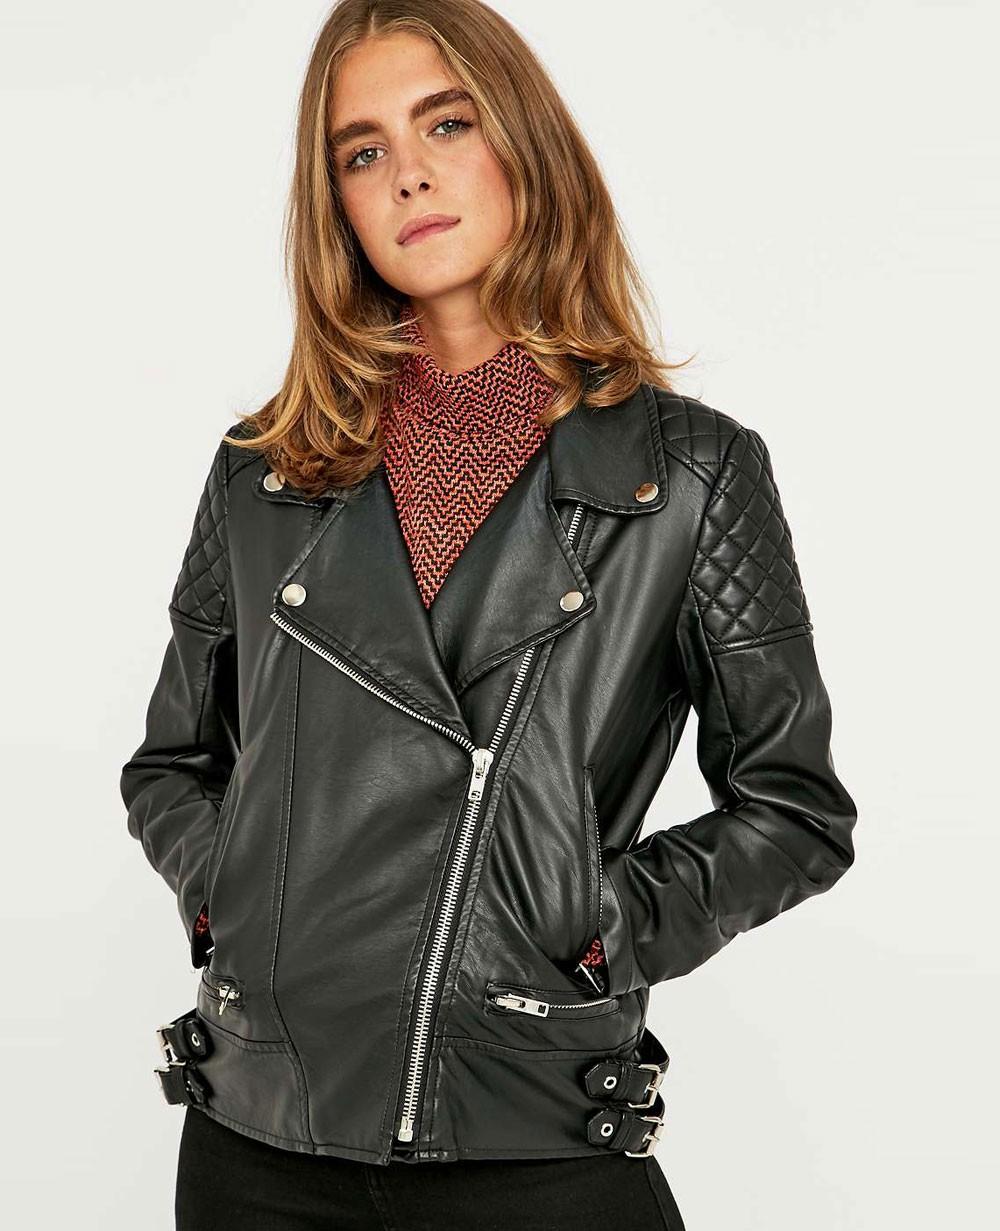 new-fashion-black-bomber-womens-leather-jacket-ro-102642-_1_